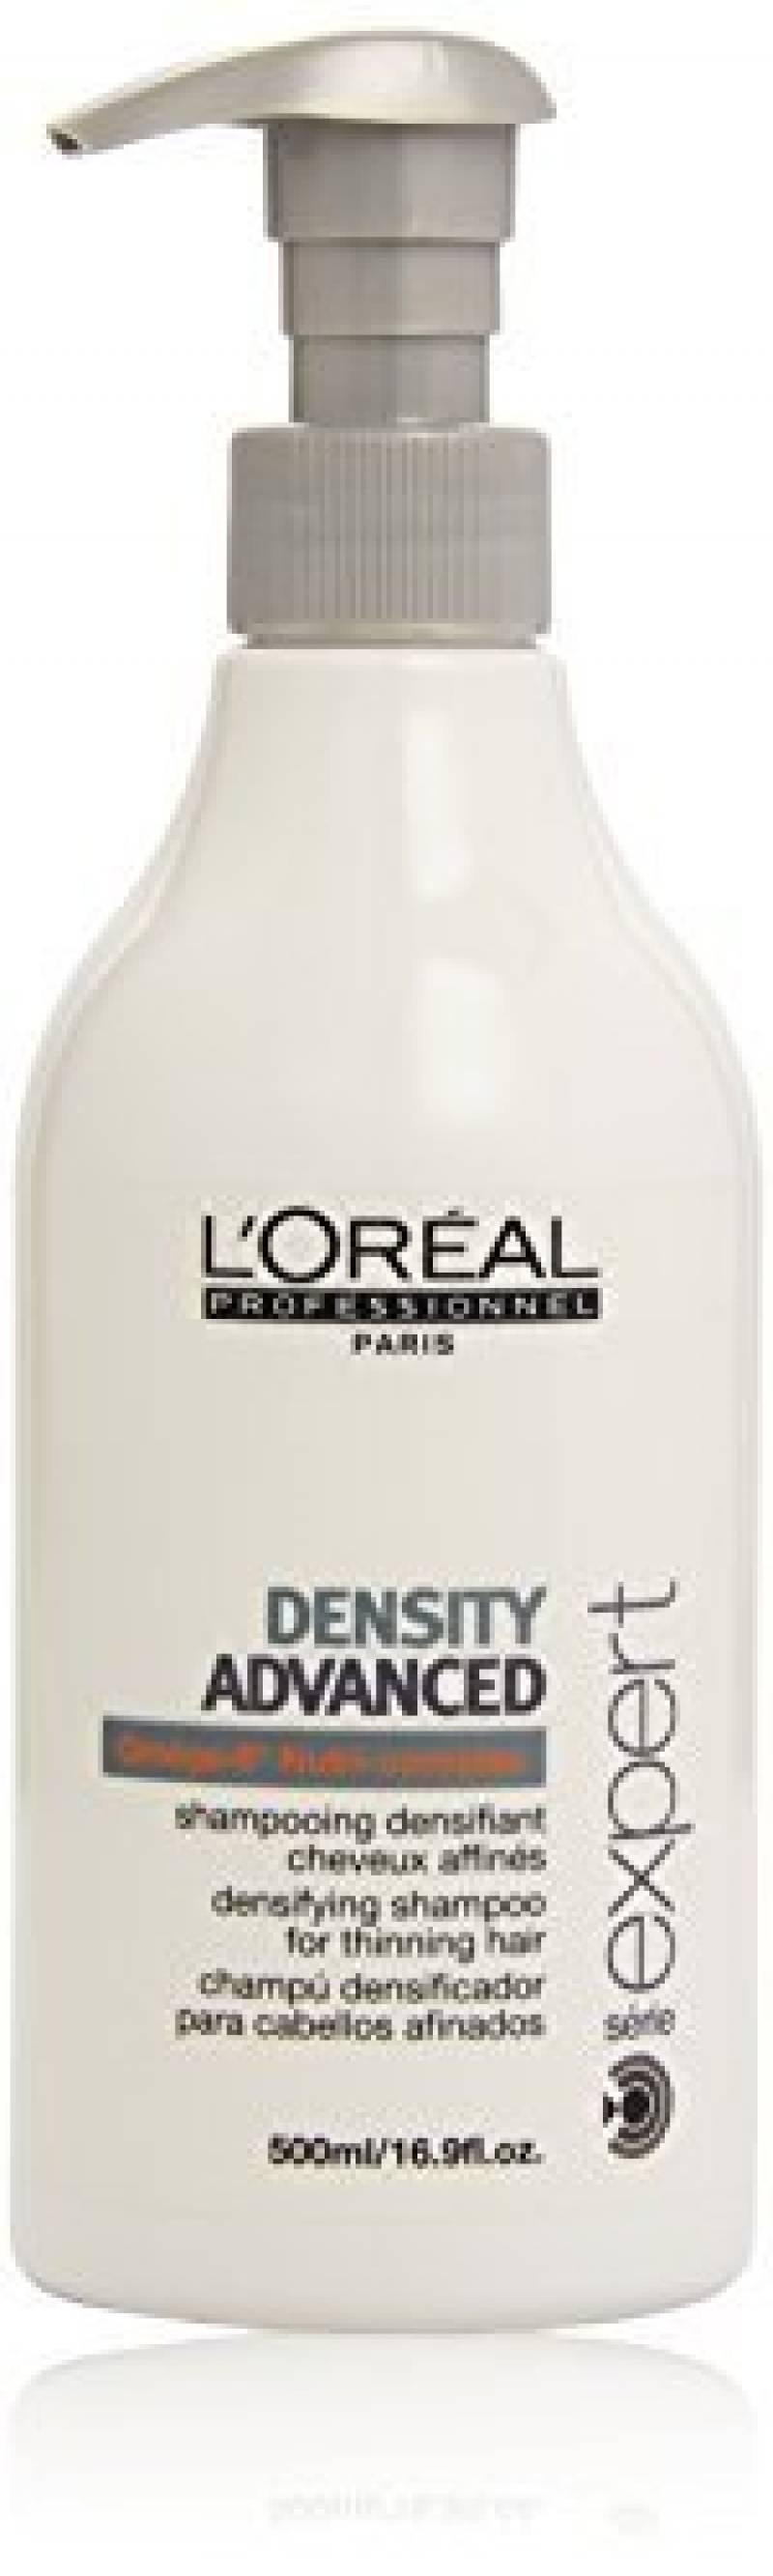 L'Oréal Professionnel Shampooing Densifiant Density Advanced pour cheveux Affinés 500 ml de la marque L'Oréal Professionnel TOP 3 image 0 produit